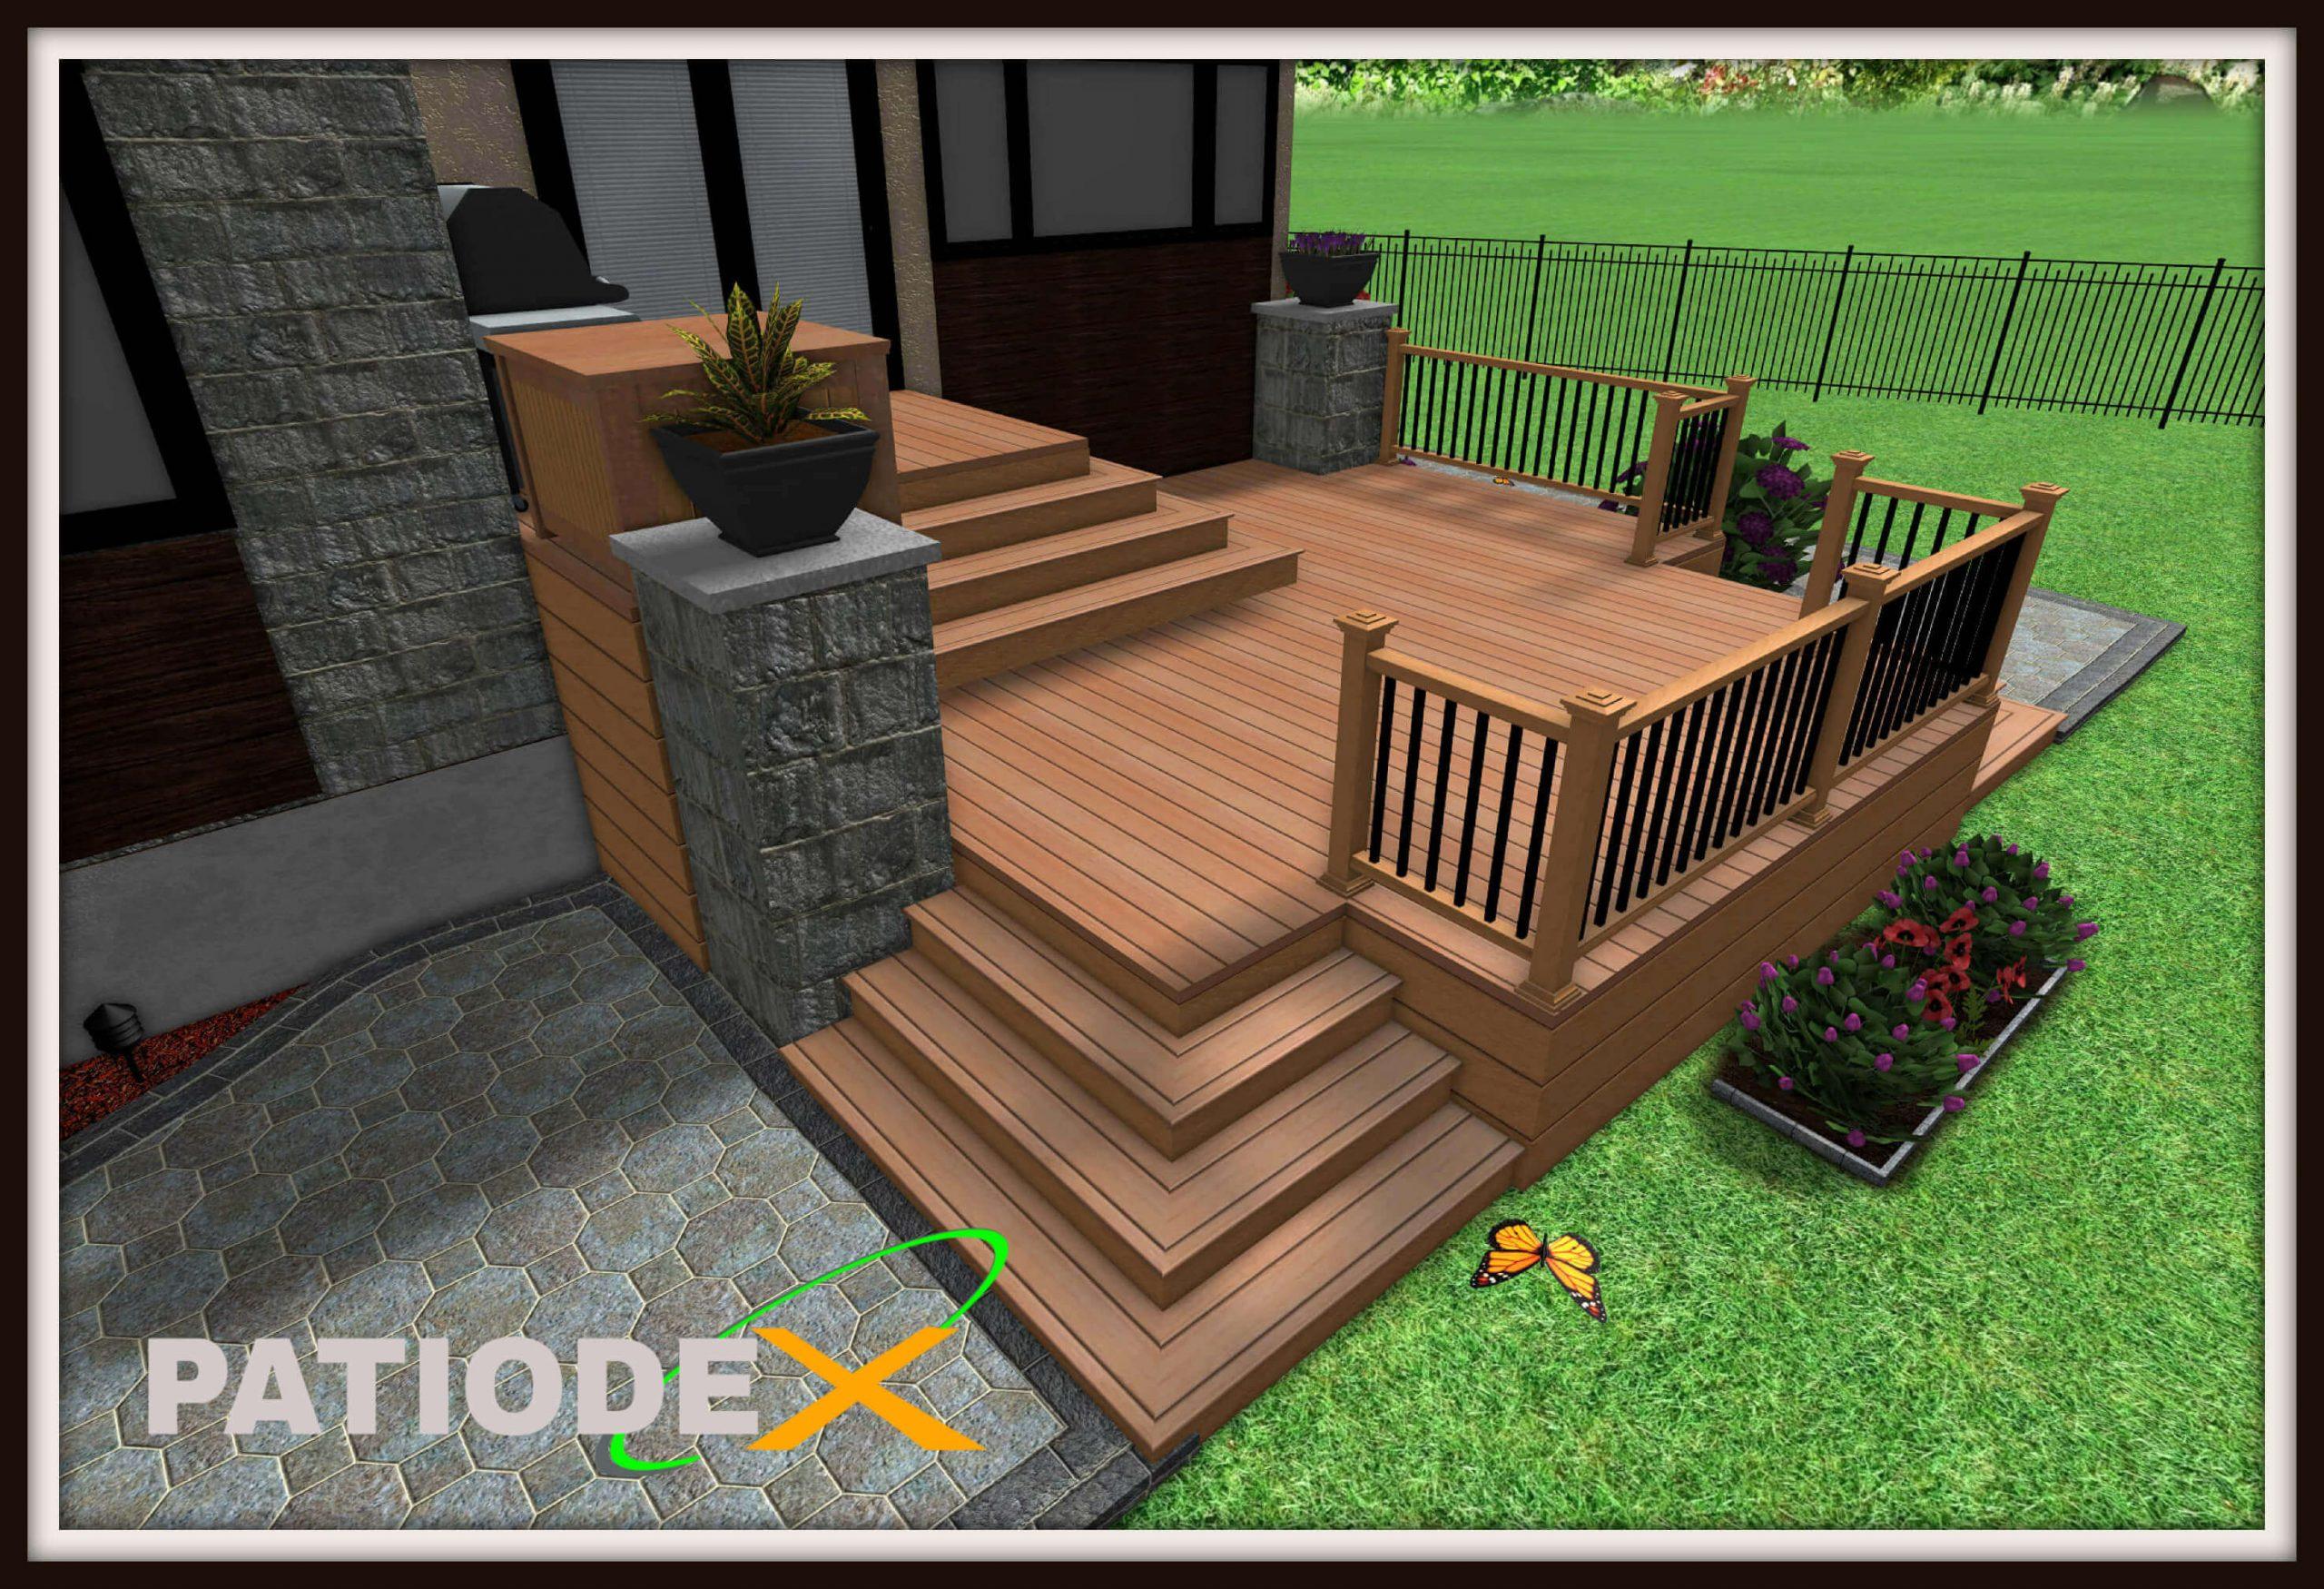 Patio En Bois Design Plan Modele Idee Piscine dedans Modele De Terrasse